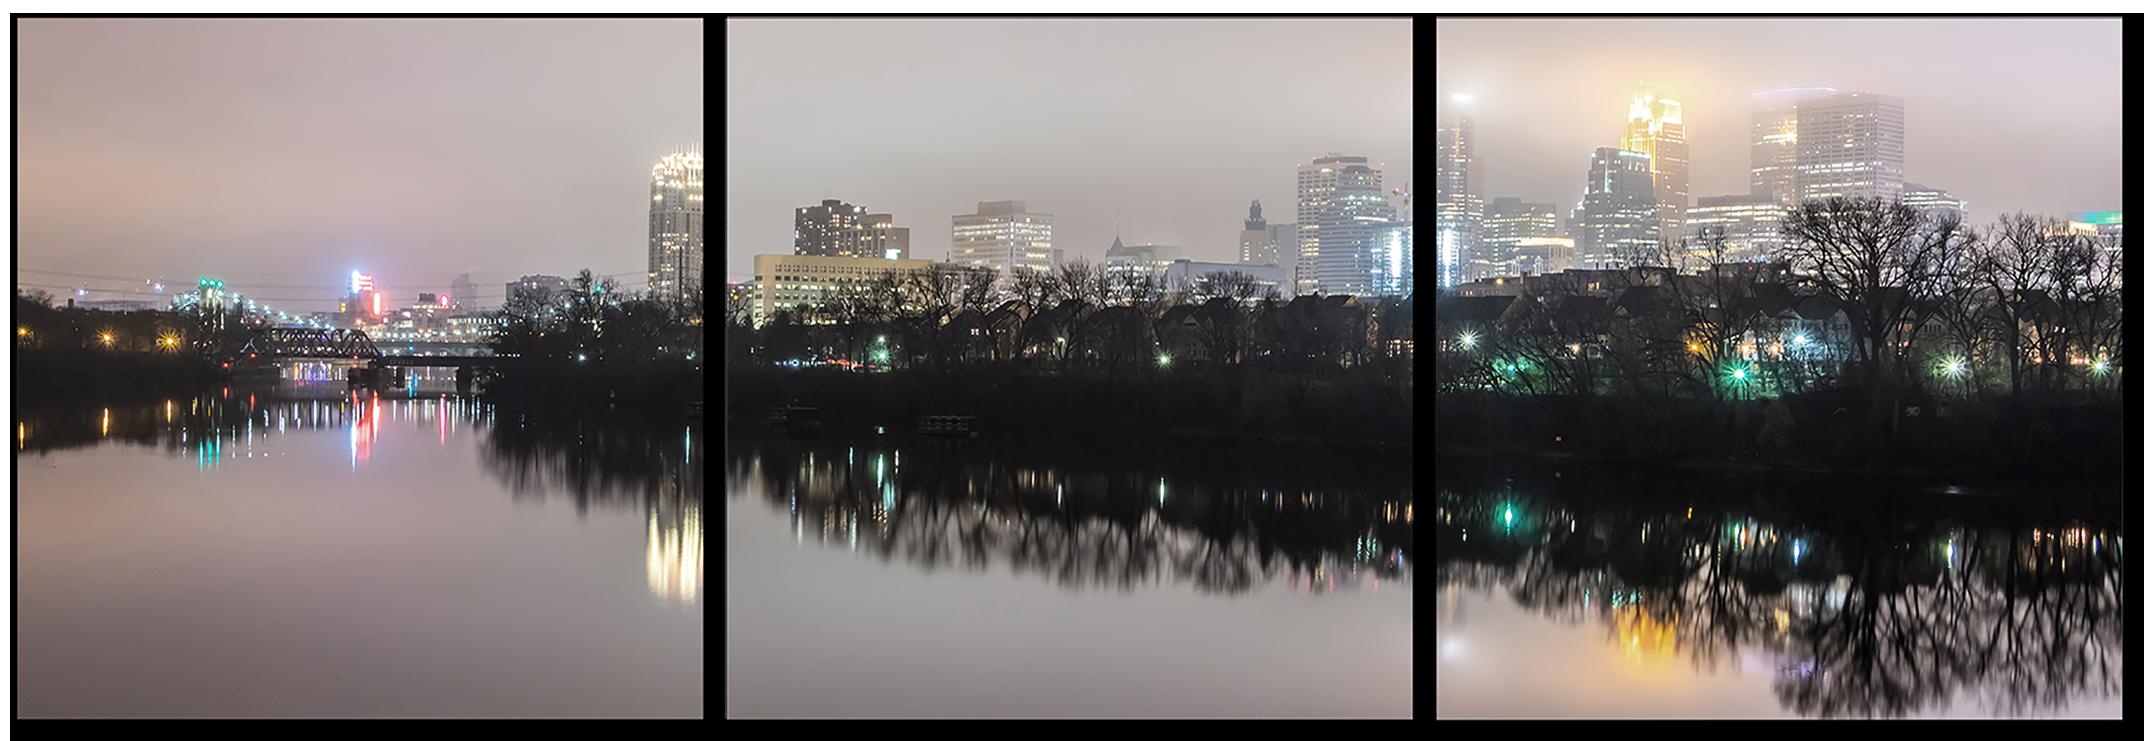 Minneapolis in november 3to1 fxomg8